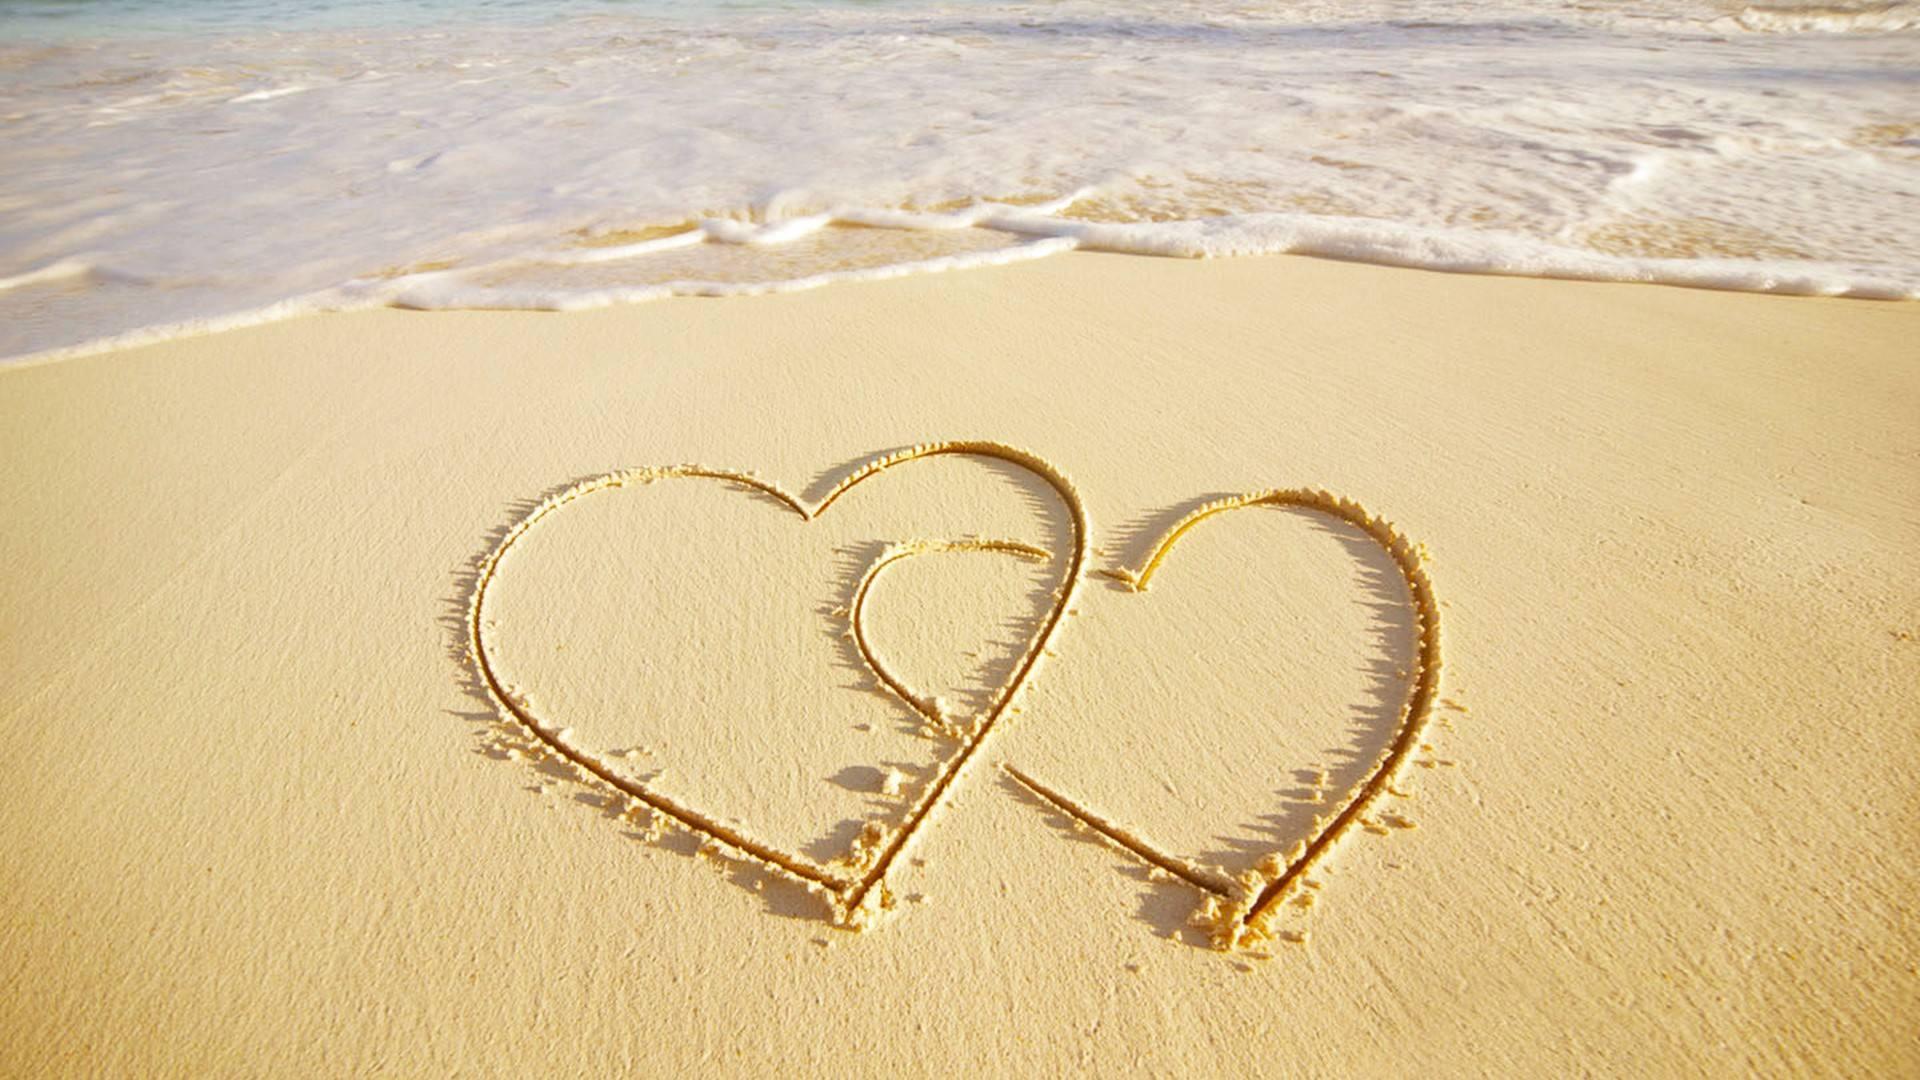 爱一个人需要勇气说说情感语录:但愿你从不缺乏勇气